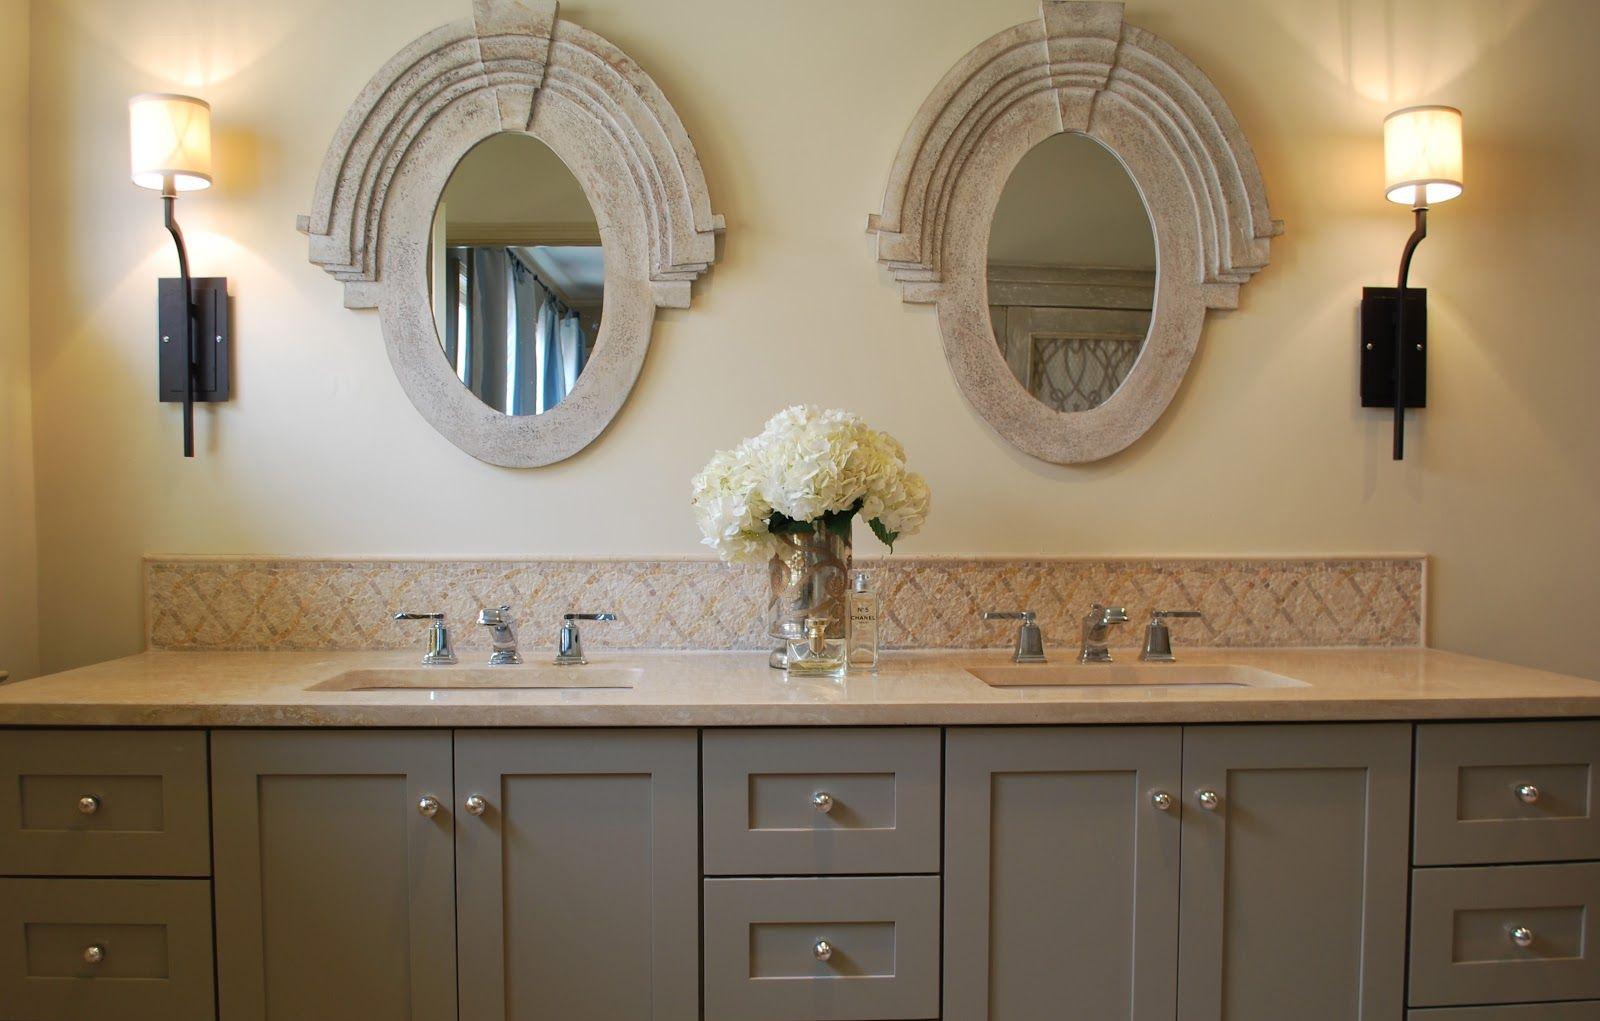 Bathroom Vanity Backsplash Ideas bathroom vanity backsplash ideas - interior | home interior